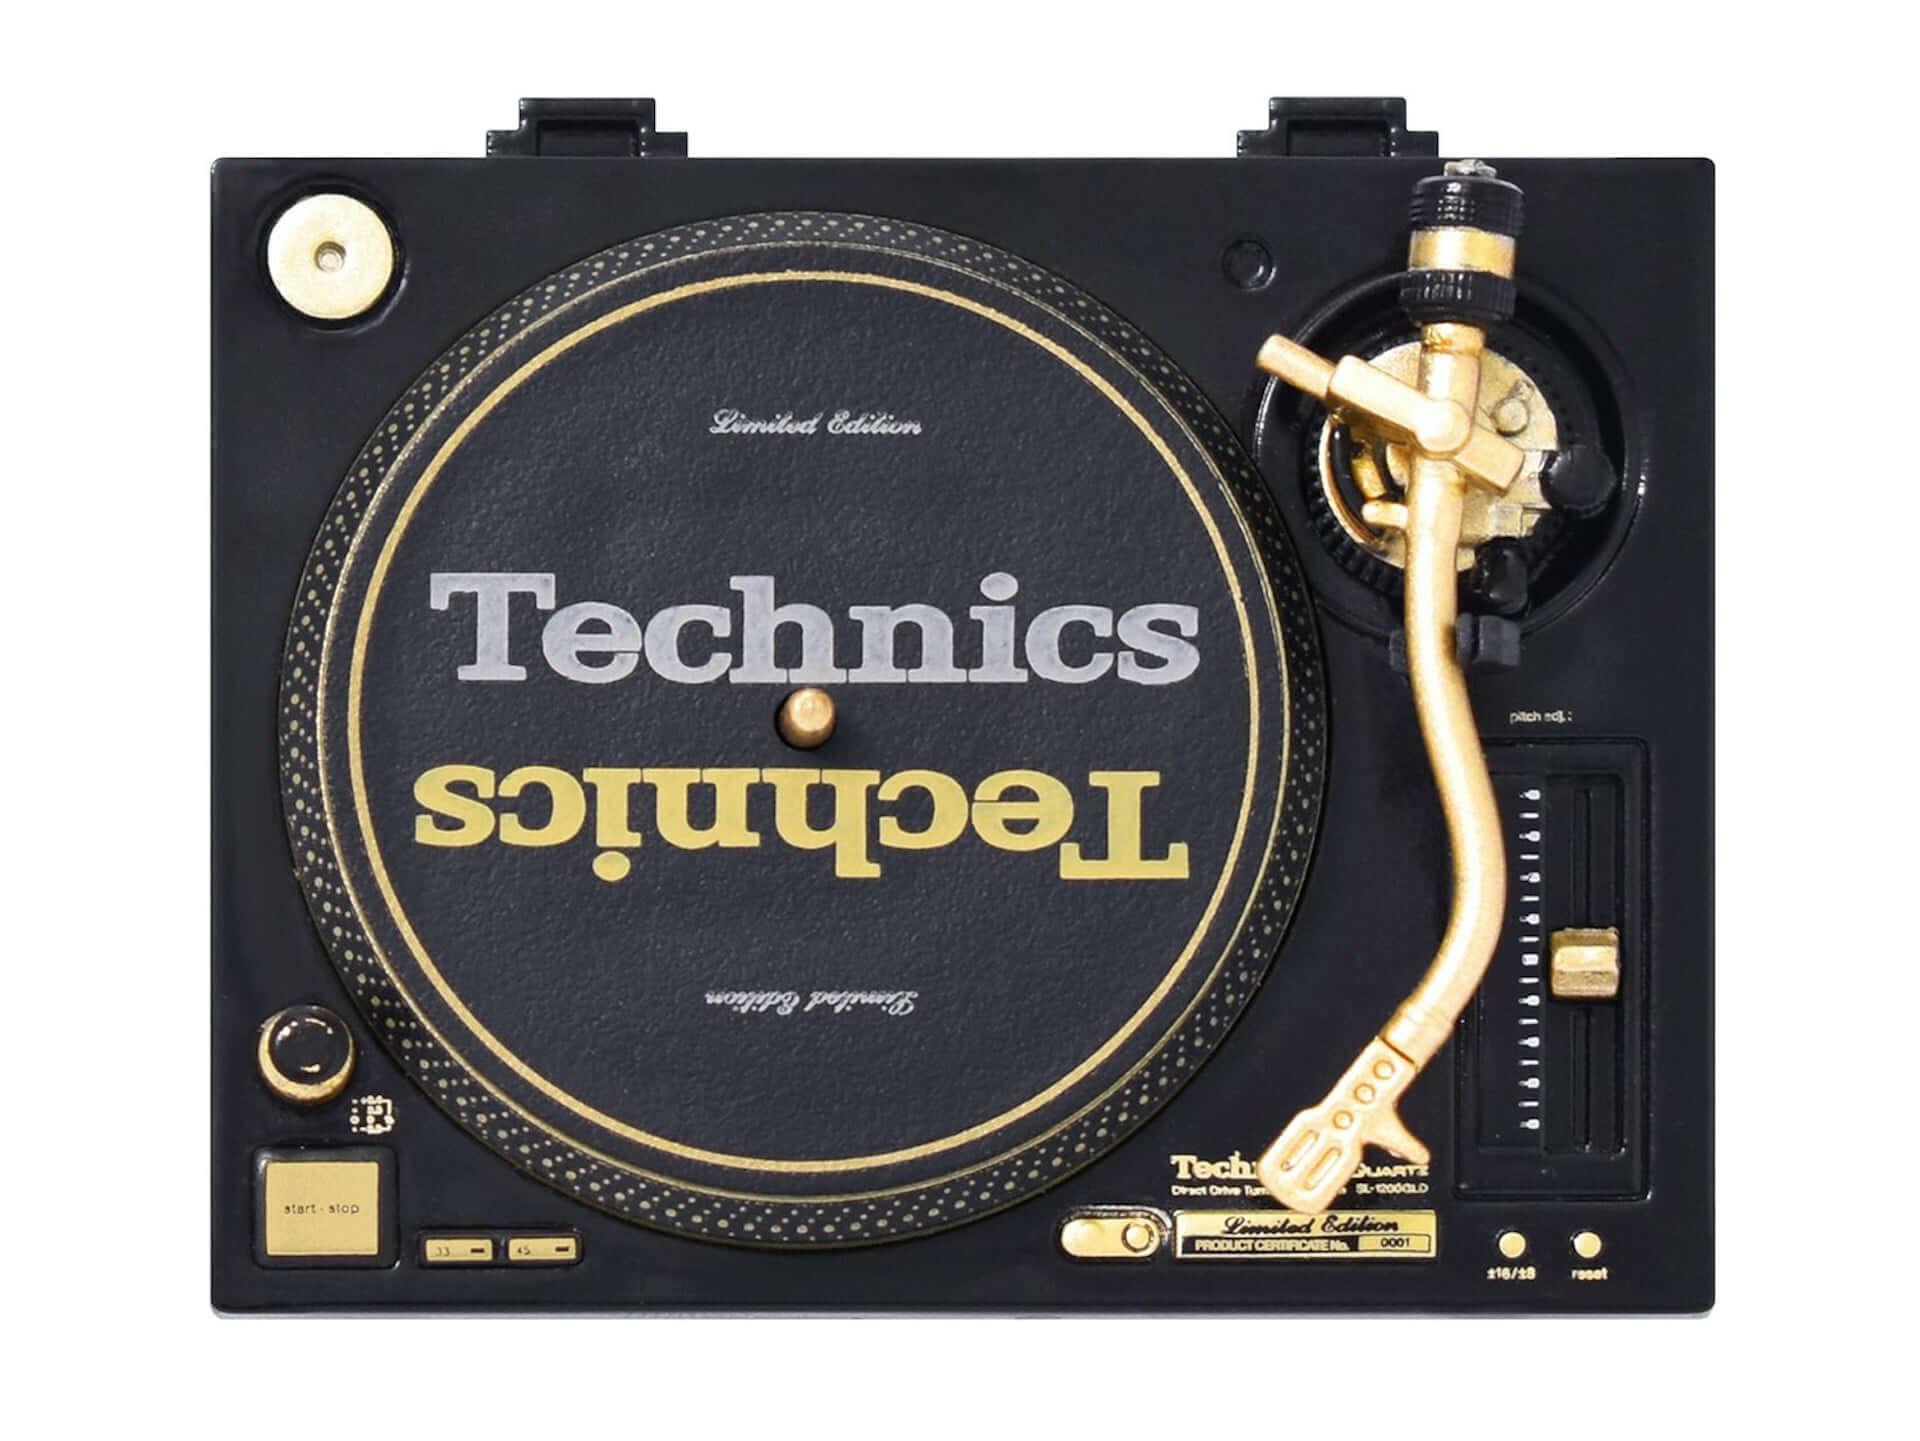 TechnicsのDJ機器『SL-1200MK2』など全5種がミニチュアフィギュア化!ケンエレファントより発売決定 tech201009_technics_2-1920x1441